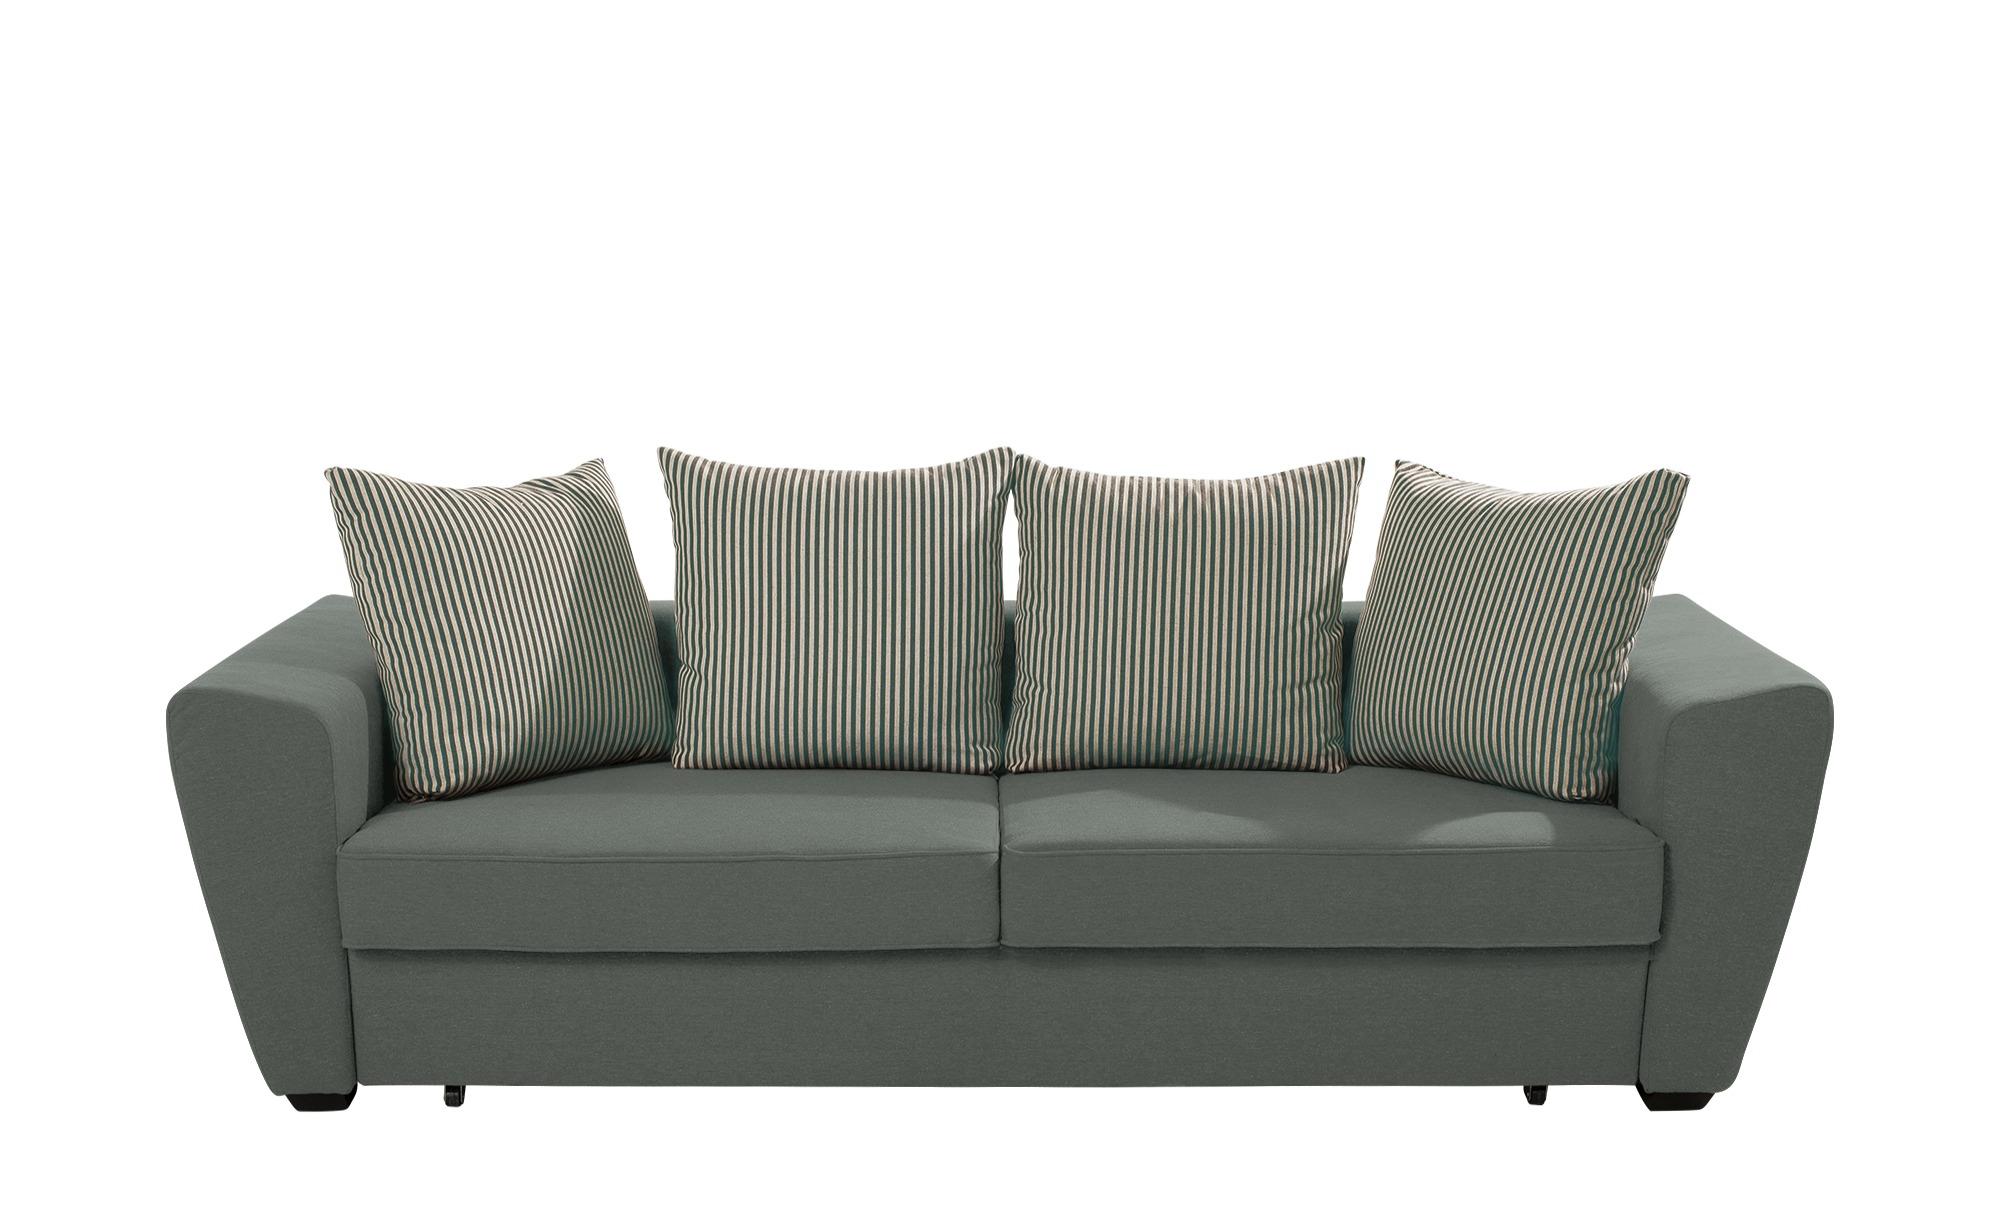 Fesselnde Sofa Grün Galerie Von Smart Dania Breite: 250 Cm Höhe: 95